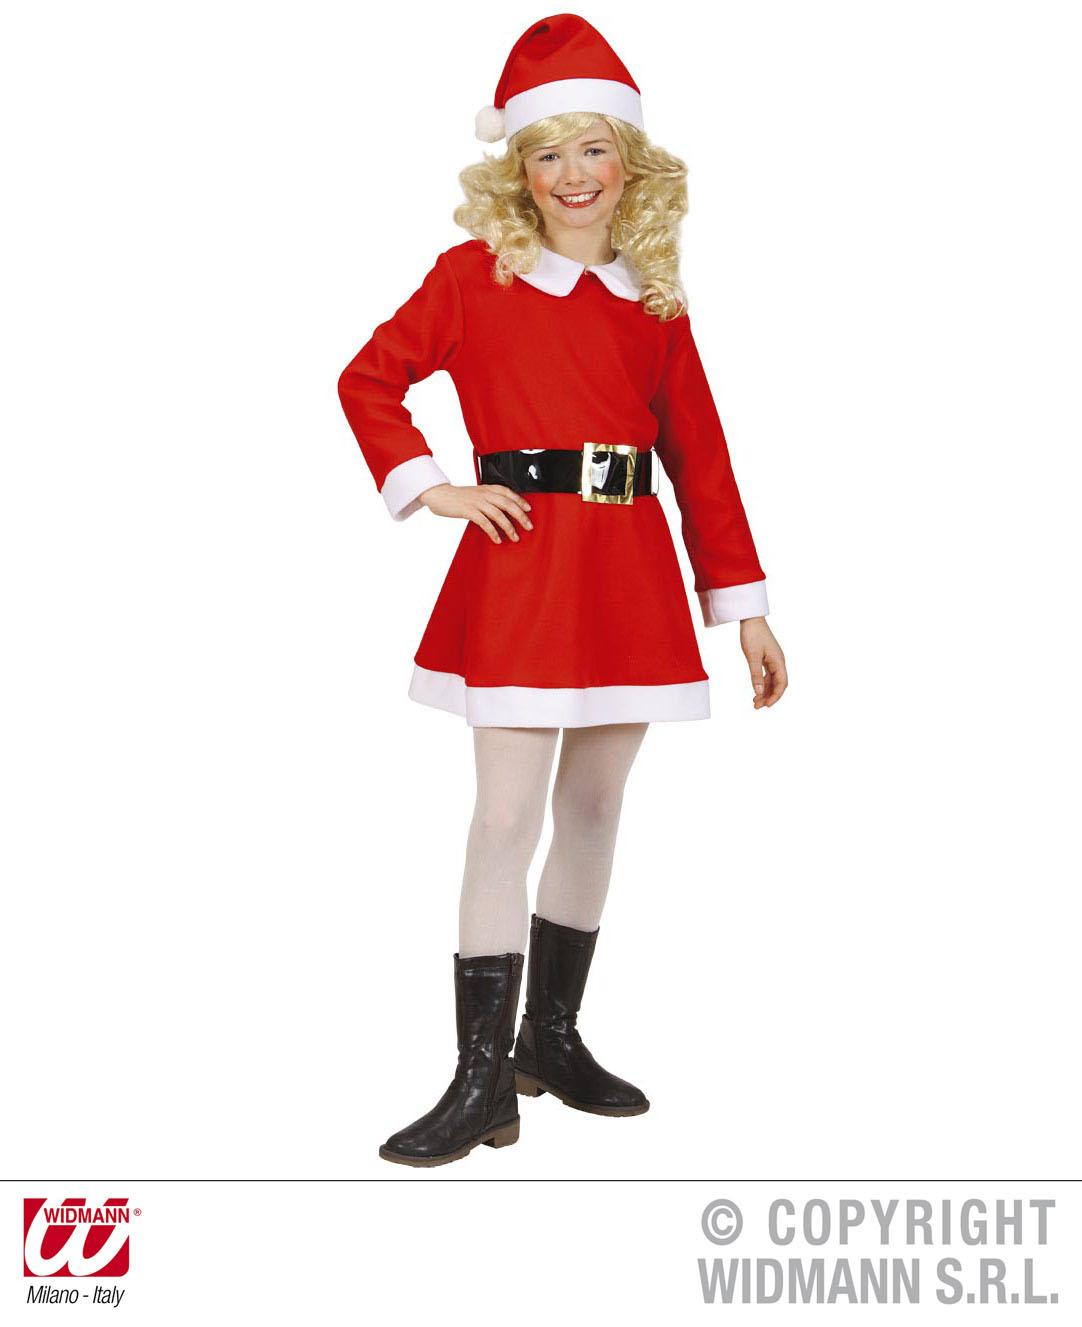 weihnachts kost m m dchen kinder weihnachten 116 128 1490. Black Bedroom Furniture Sets. Home Design Ideas